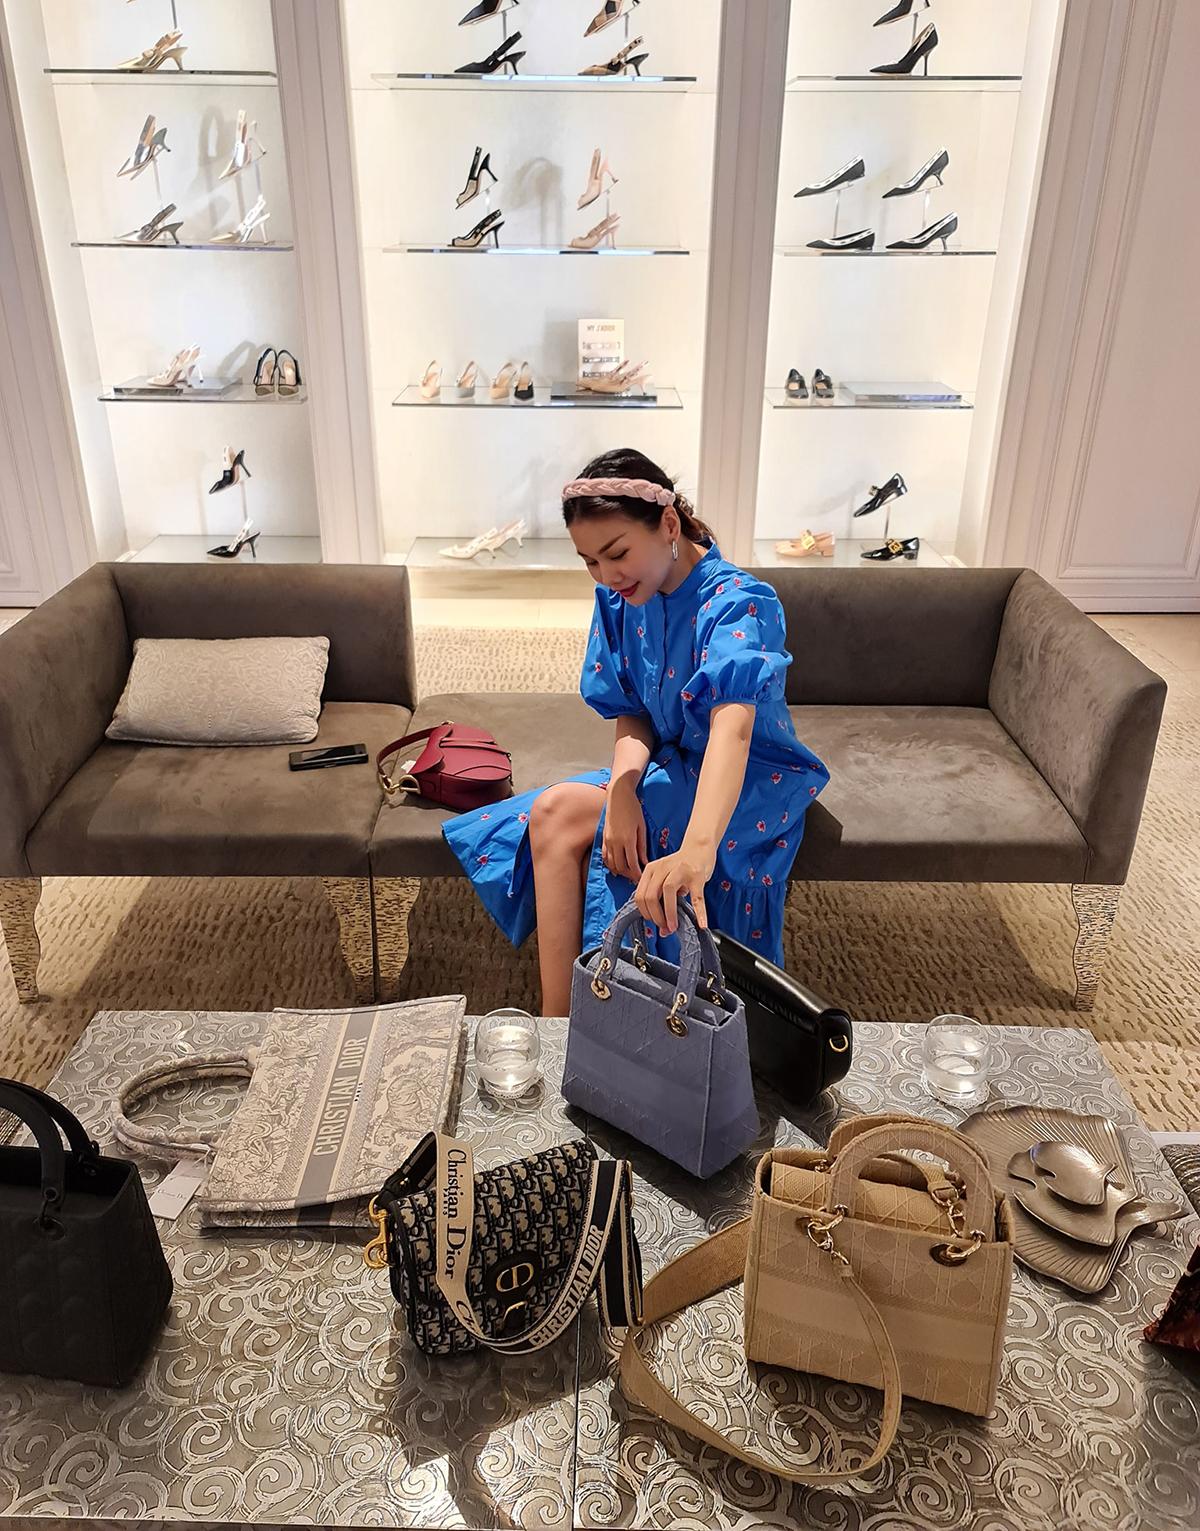 Một trong những cửa hàng yêu thích nhất của Thanh Hằng là Dior. Cô sở hữu nhiều không đếm xuể phụ kiện từ thương hiệu này.